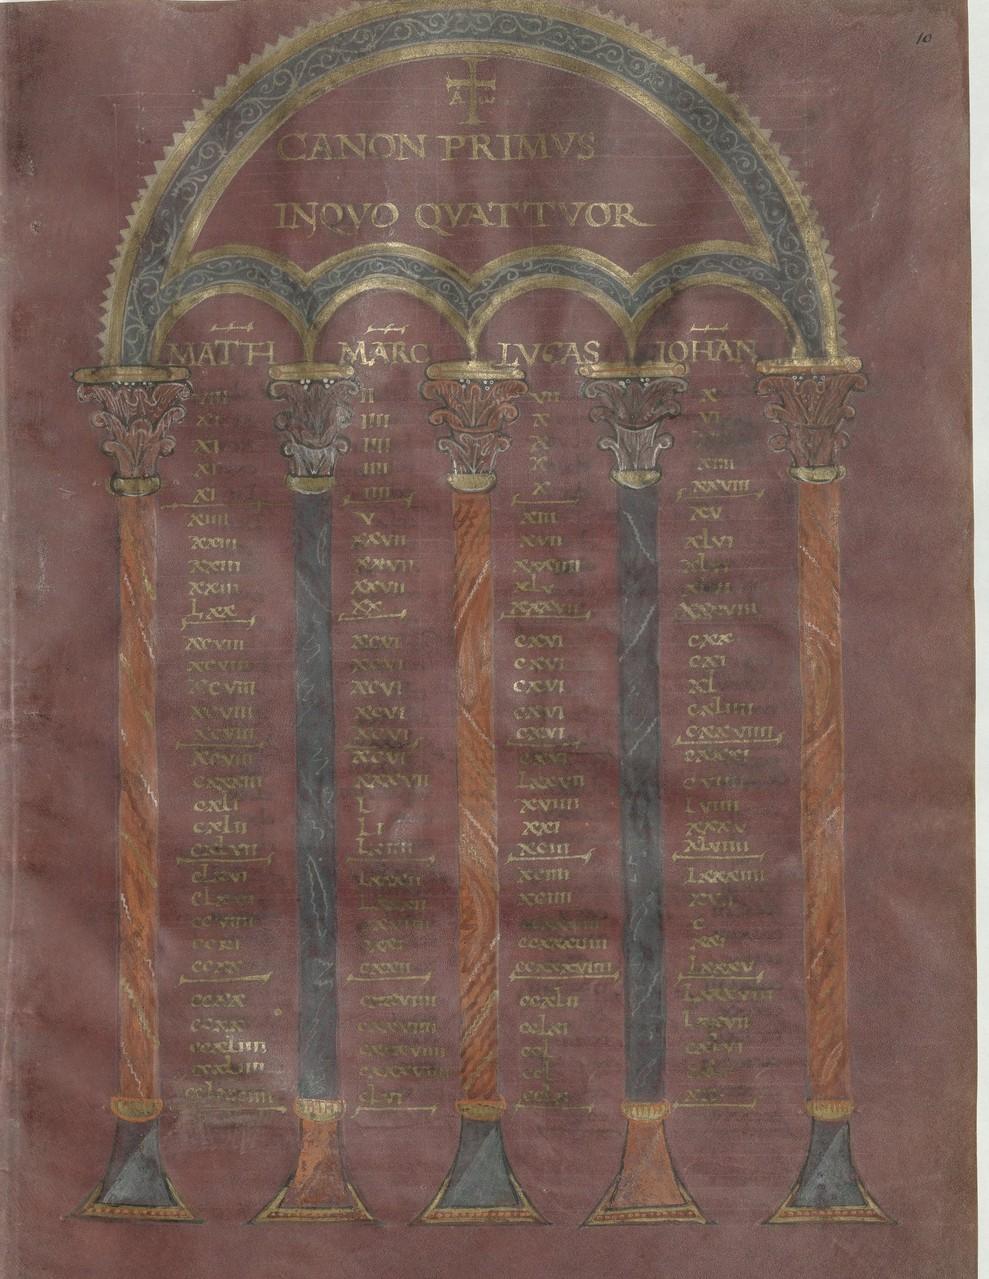 Canon Primus f. 10r